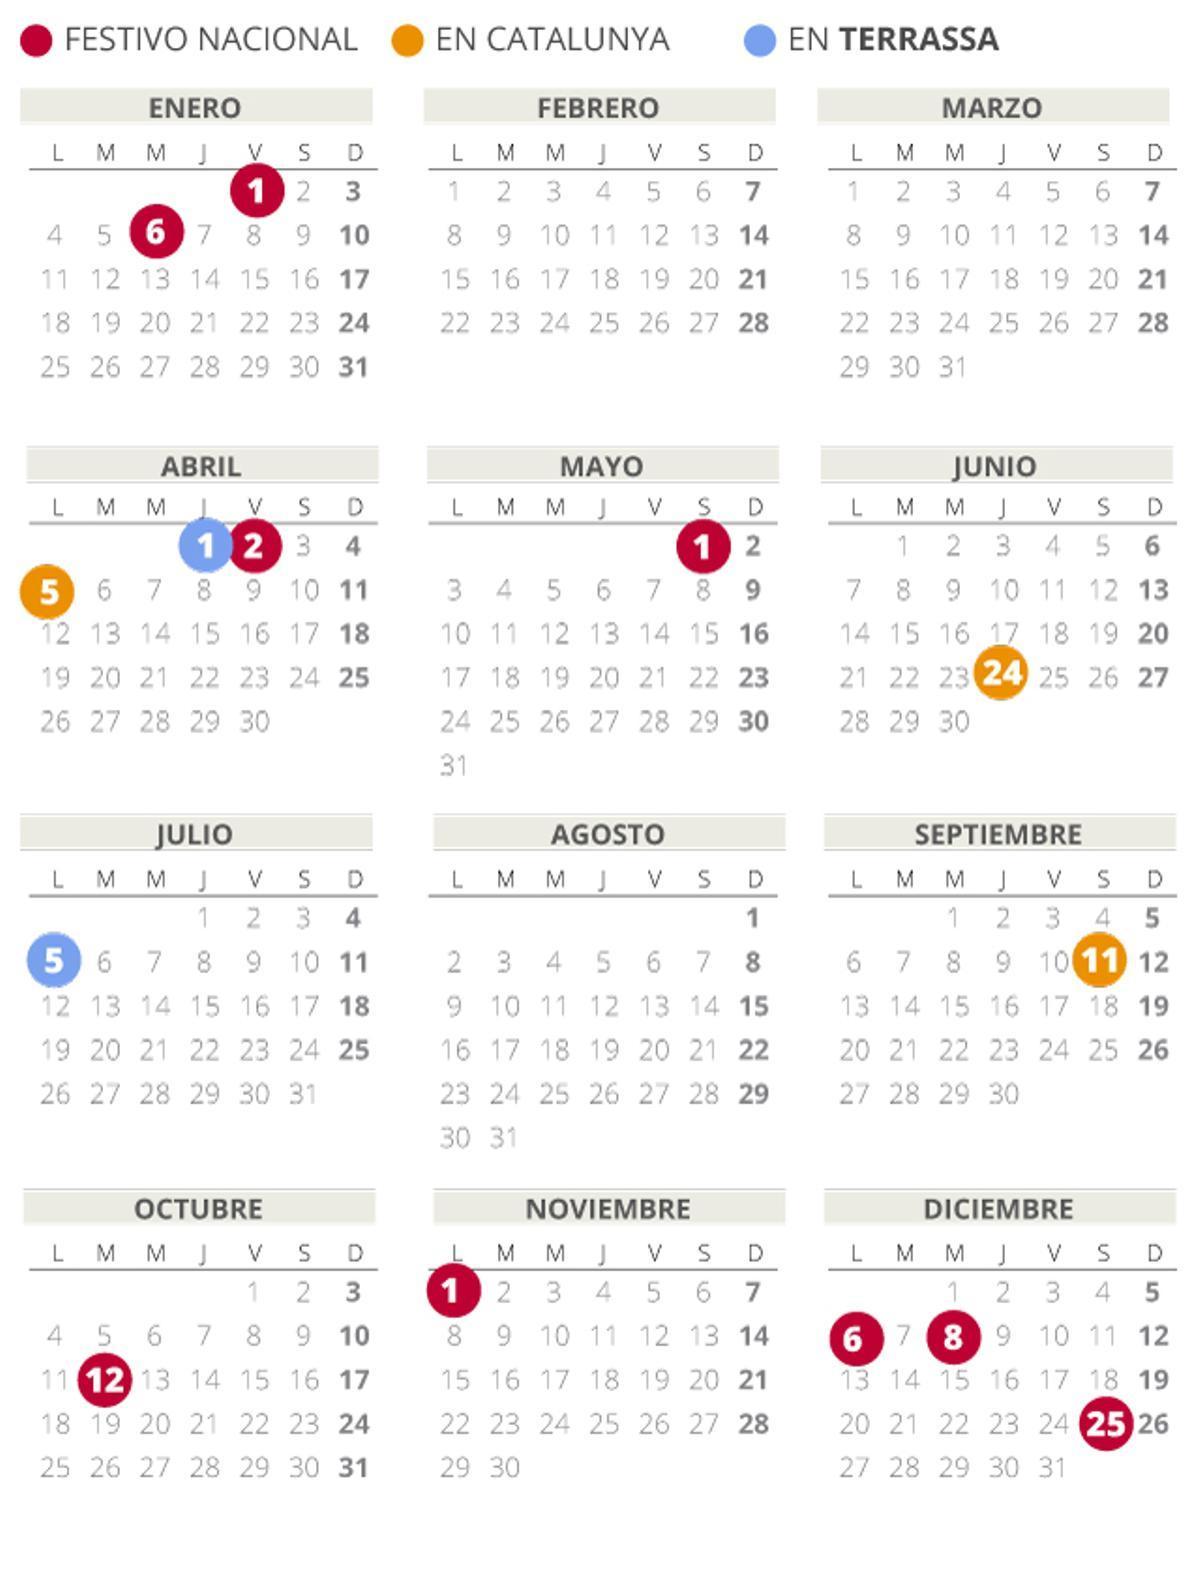 Calendario laboral de Terrassa del 2021 (con todos los festivos)